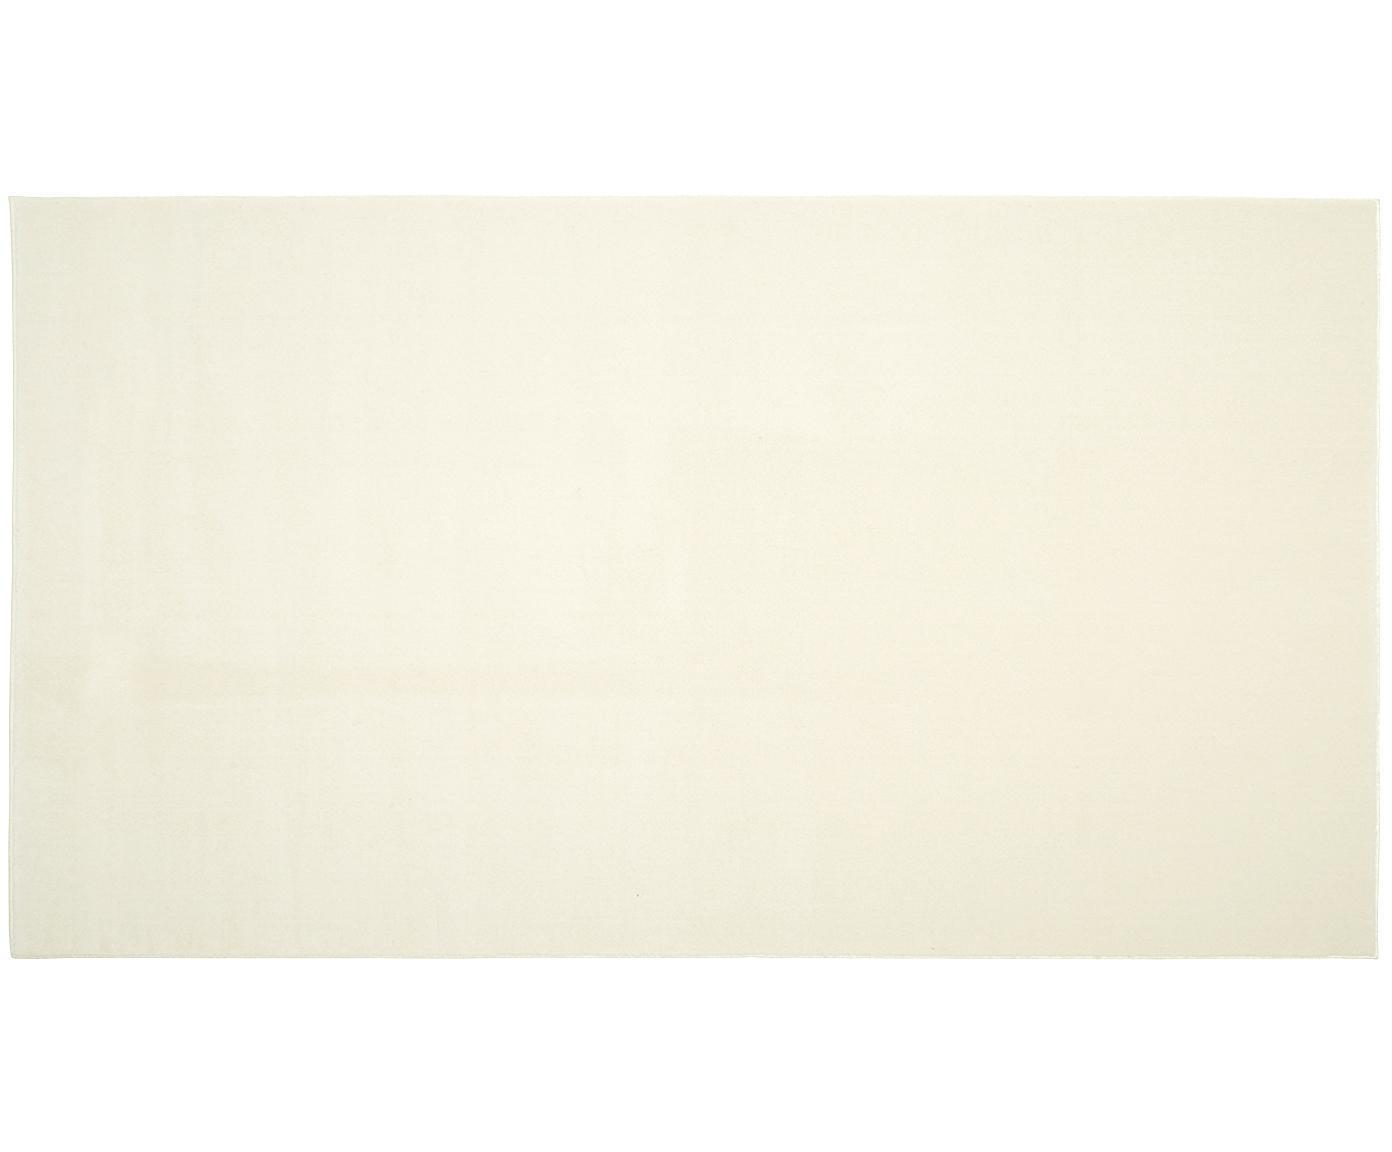 Wollteppich Ida in Beige, Flor: Wolle, Beige, B 60 x L 110 cm (Grösse XS)